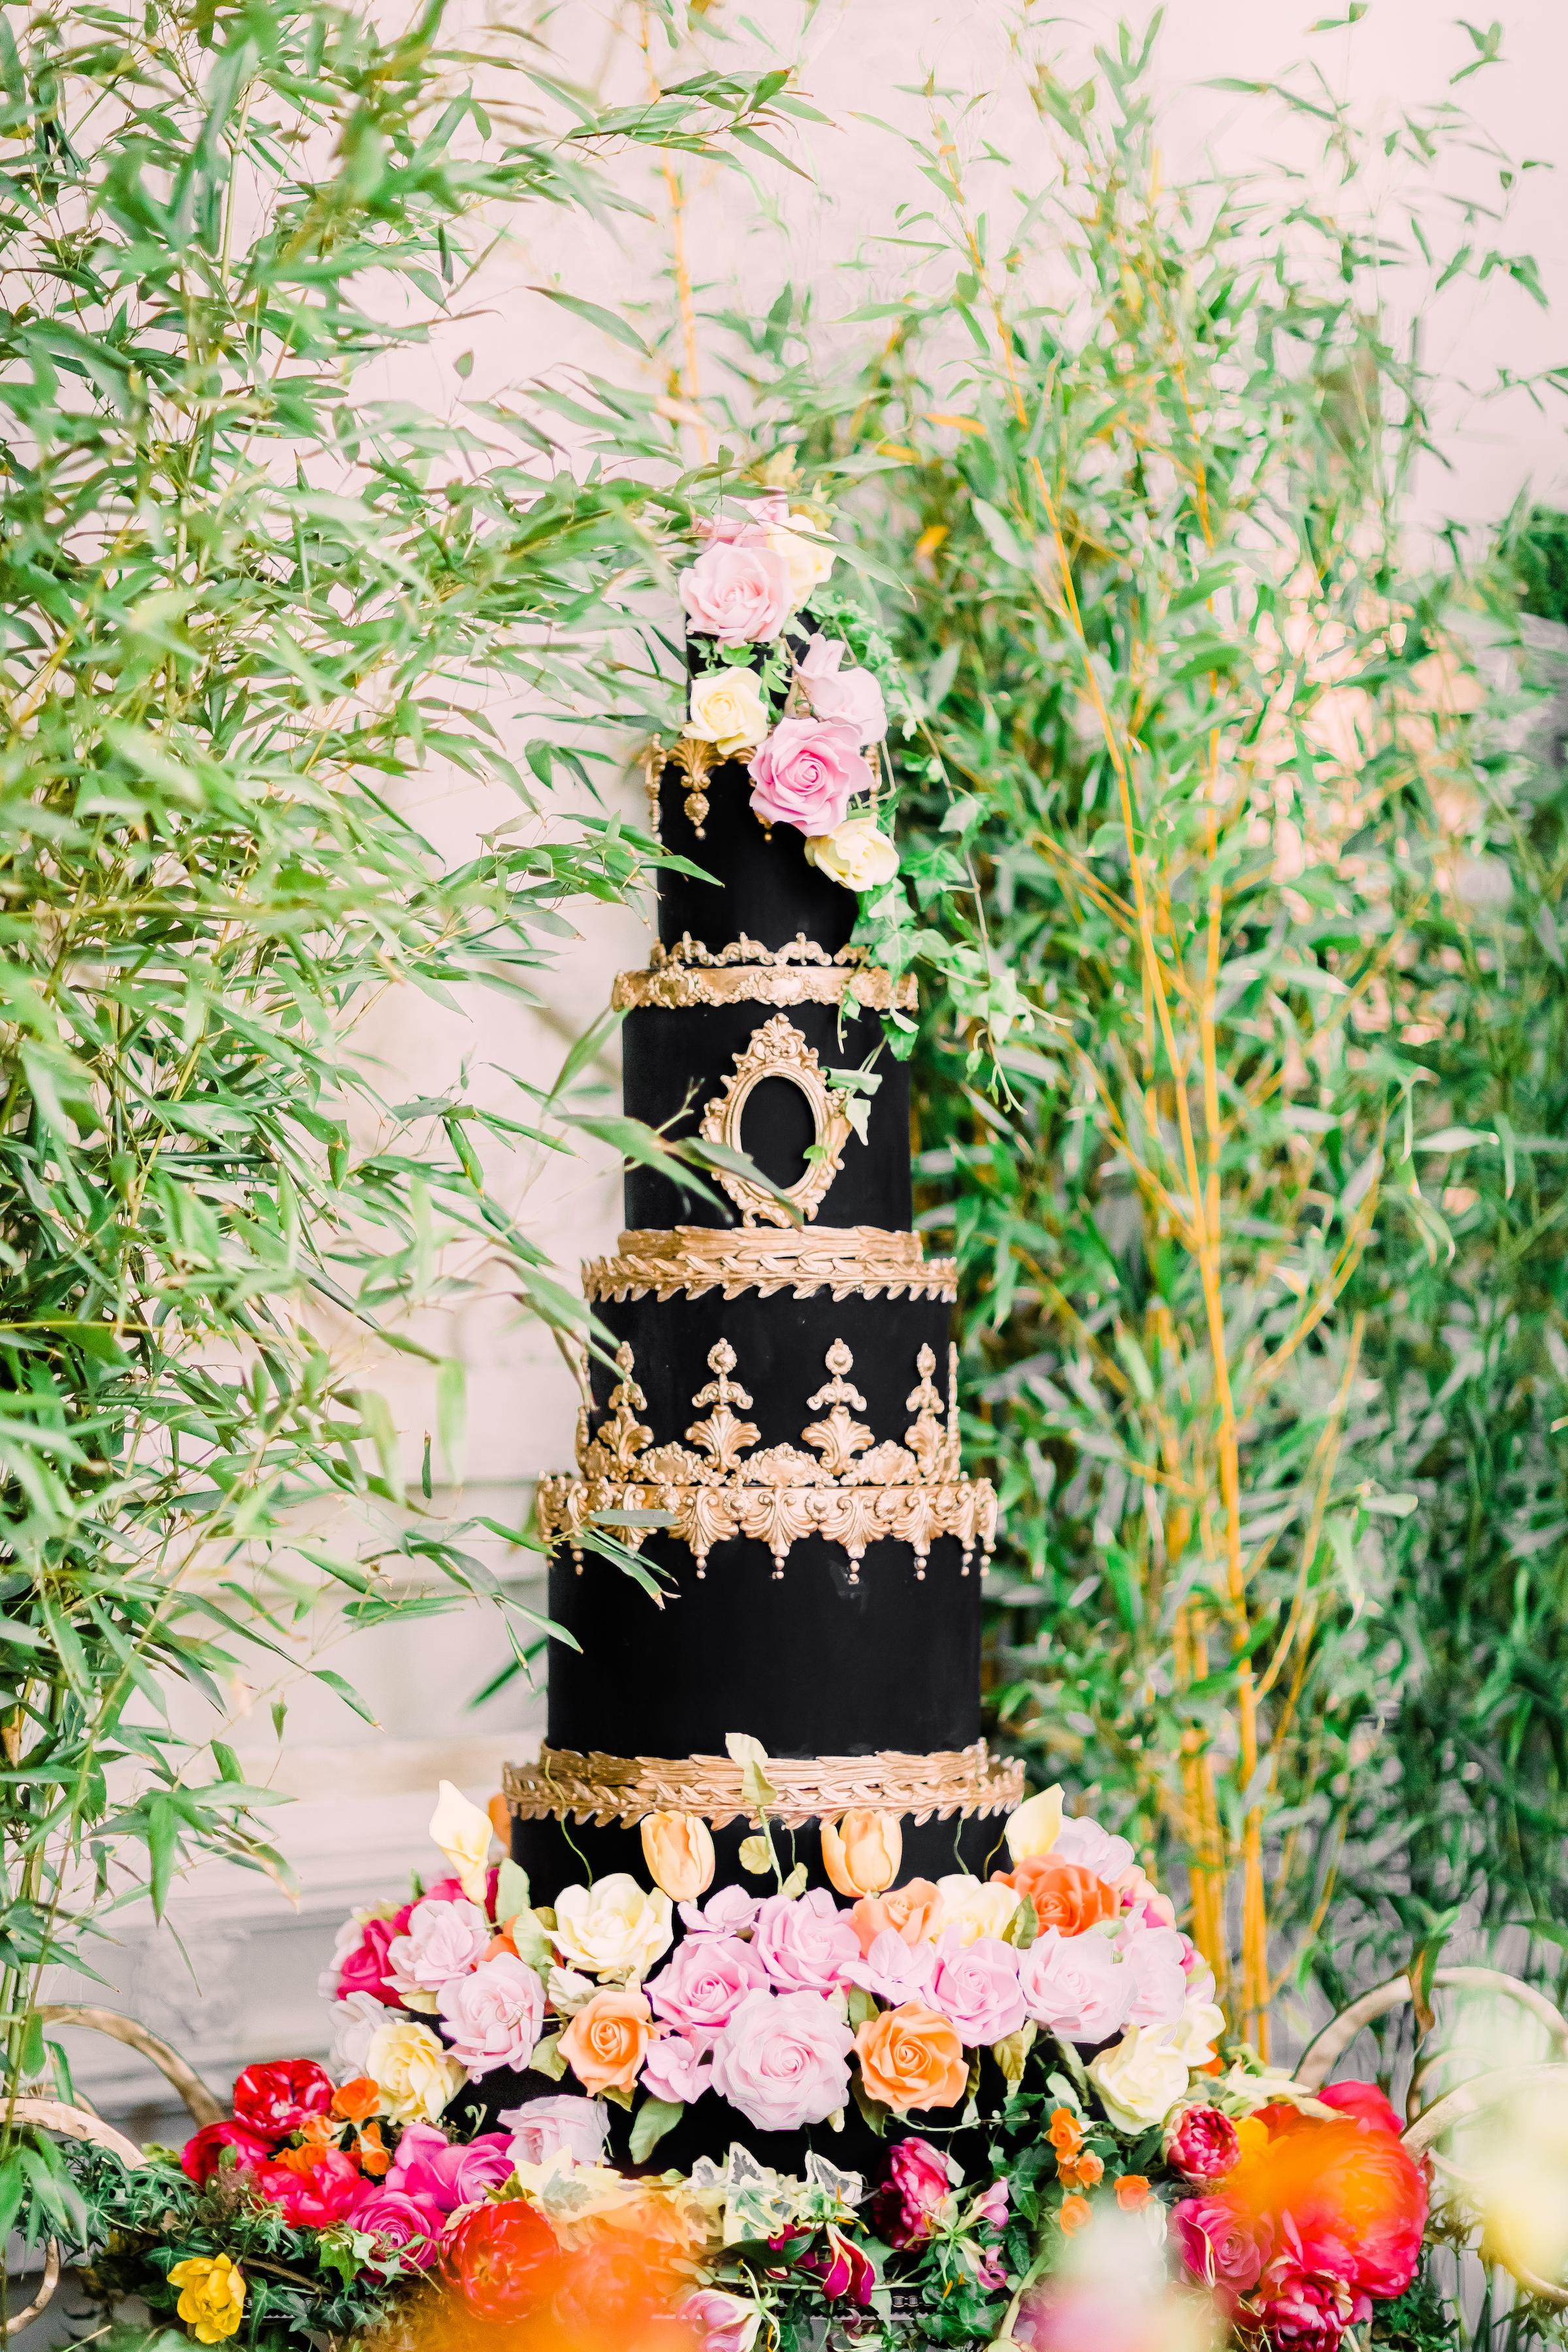 rococo-black-baroque-cake-elizaethscakeemporium-1